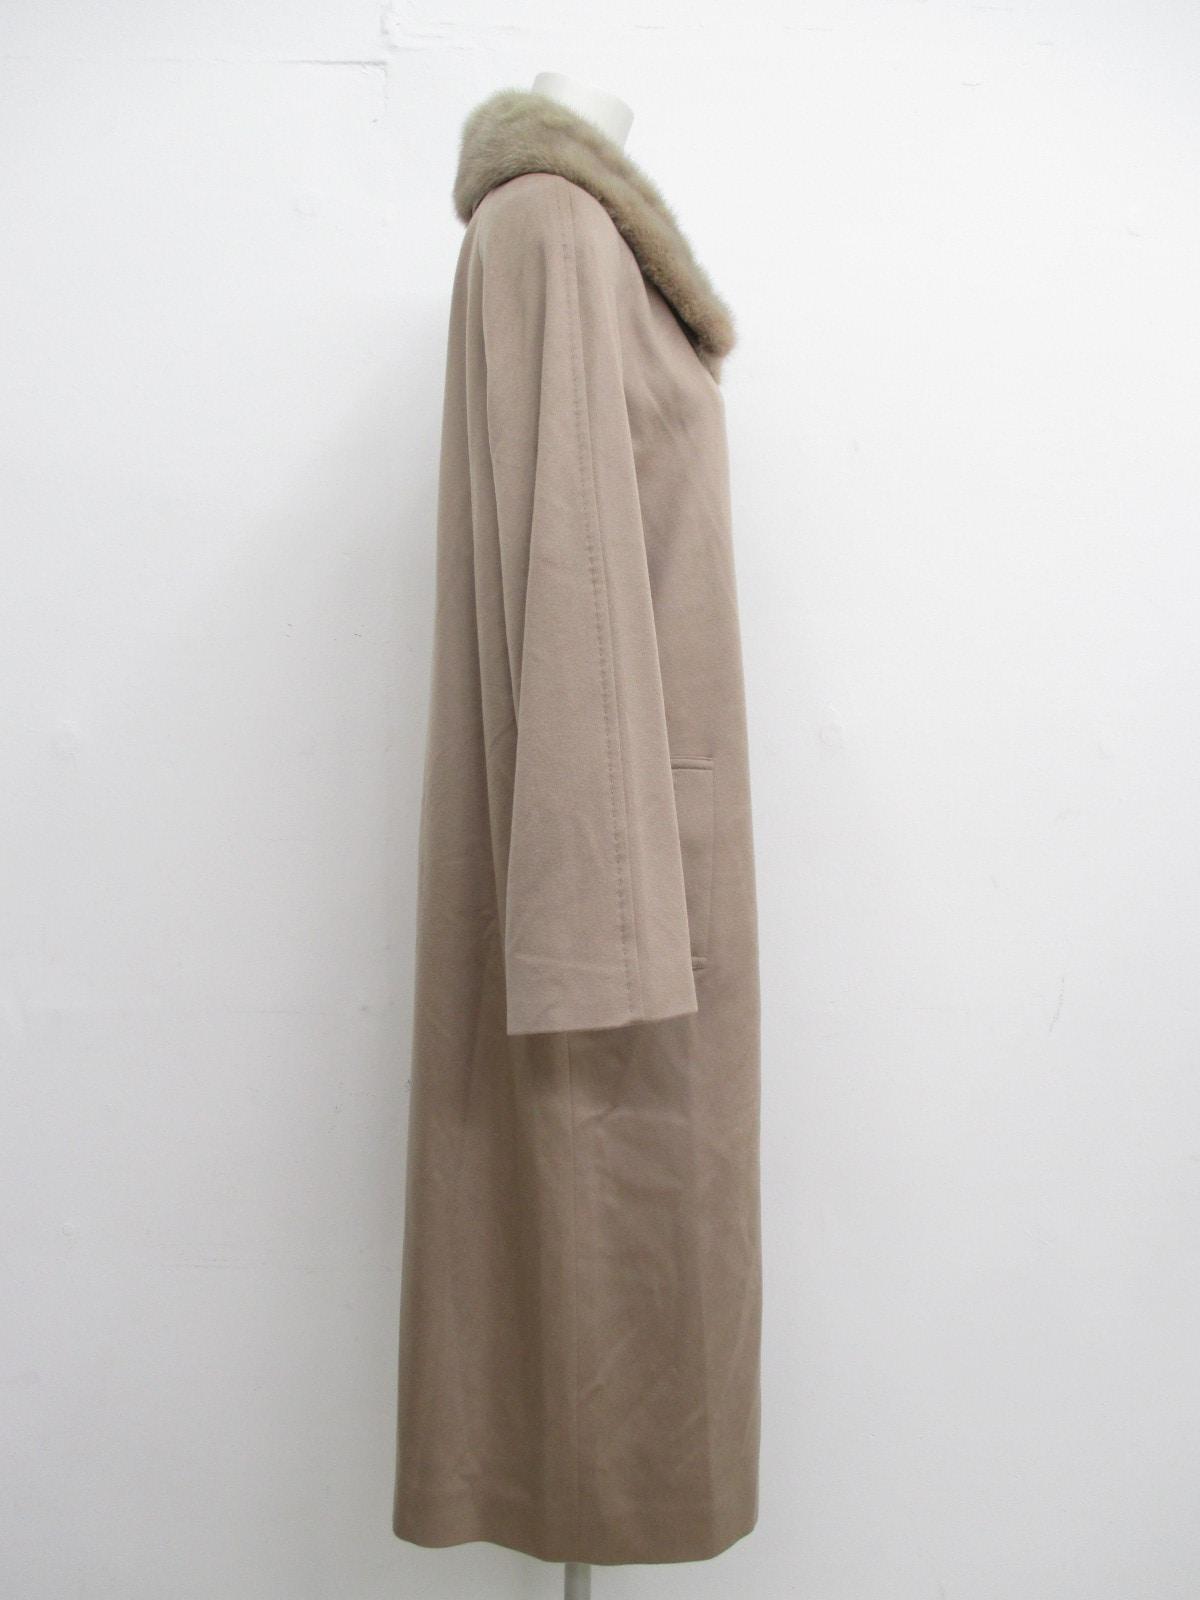 Dolce Vita(ドルチェヴィータ)のコート